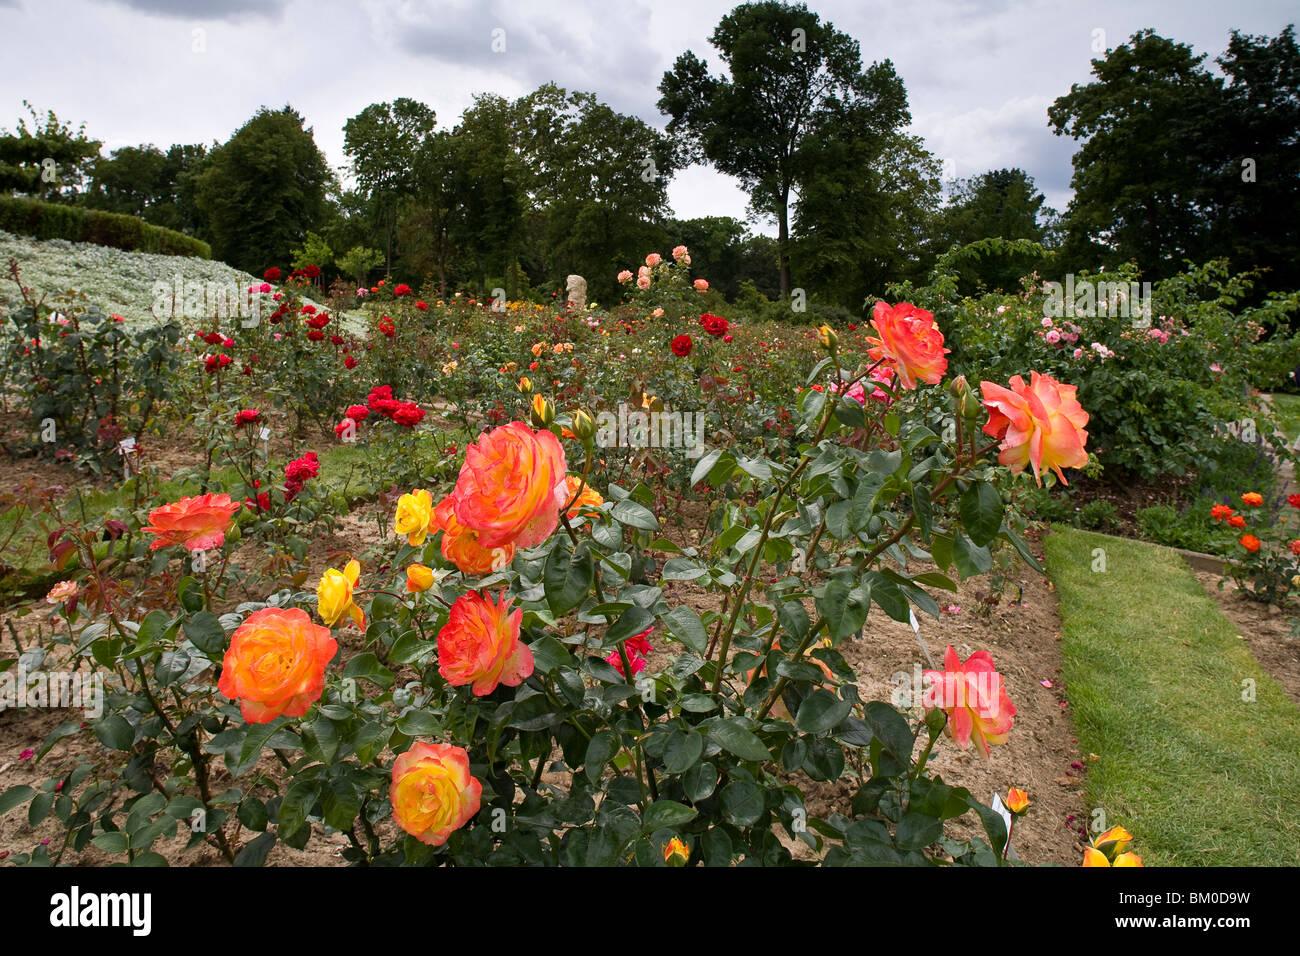 europa rosarium in sangerhausen die gr te sammlung von rosen in der welt sachsen anhalt. Black Bedroom Furniture Sets. Home Design Ideas